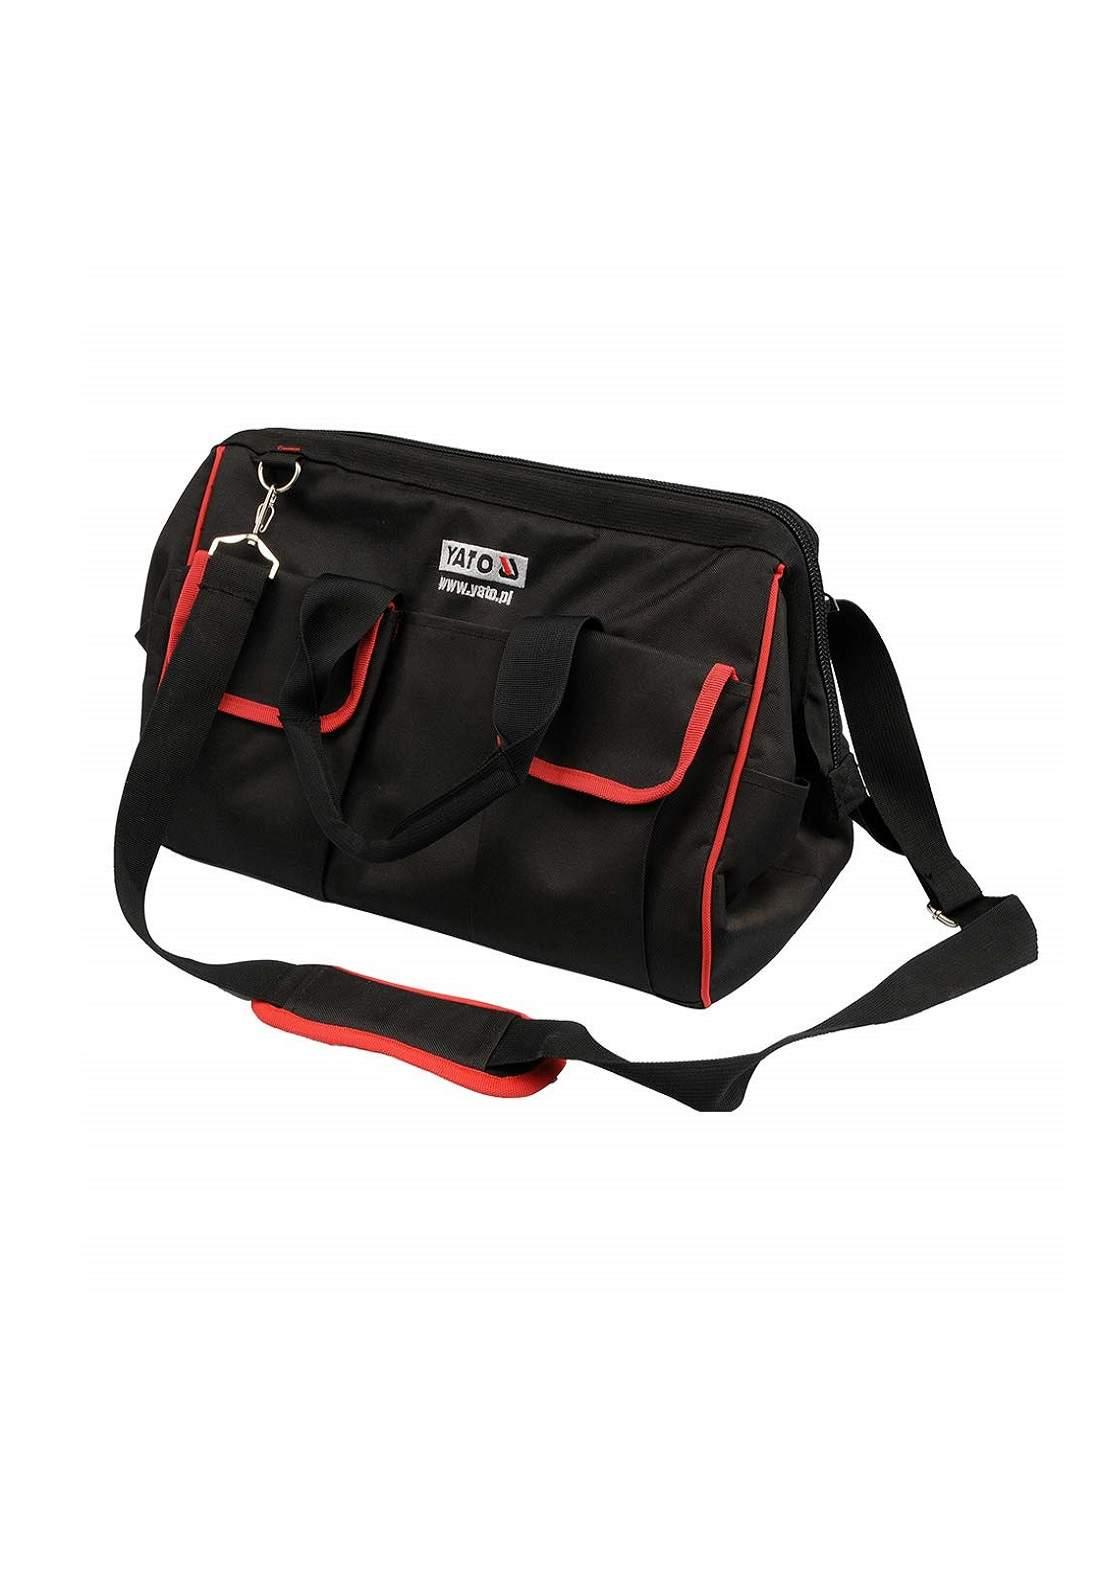 Yato YT-7433 Tool Bag 16 Pockets حقيبة حمل العدد